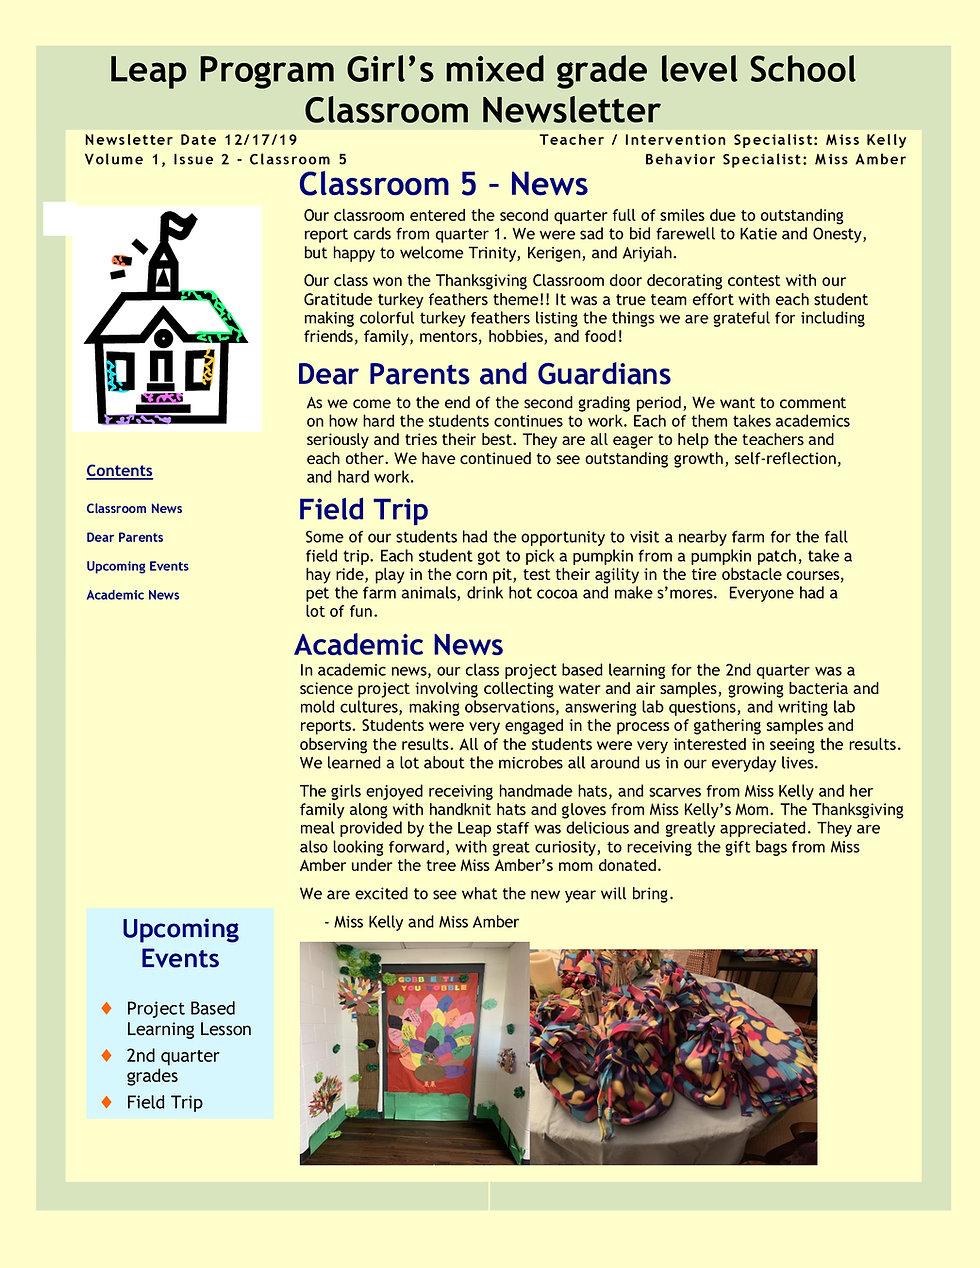 Classroom-5-newsletter-_-Qtr-2_.jpg